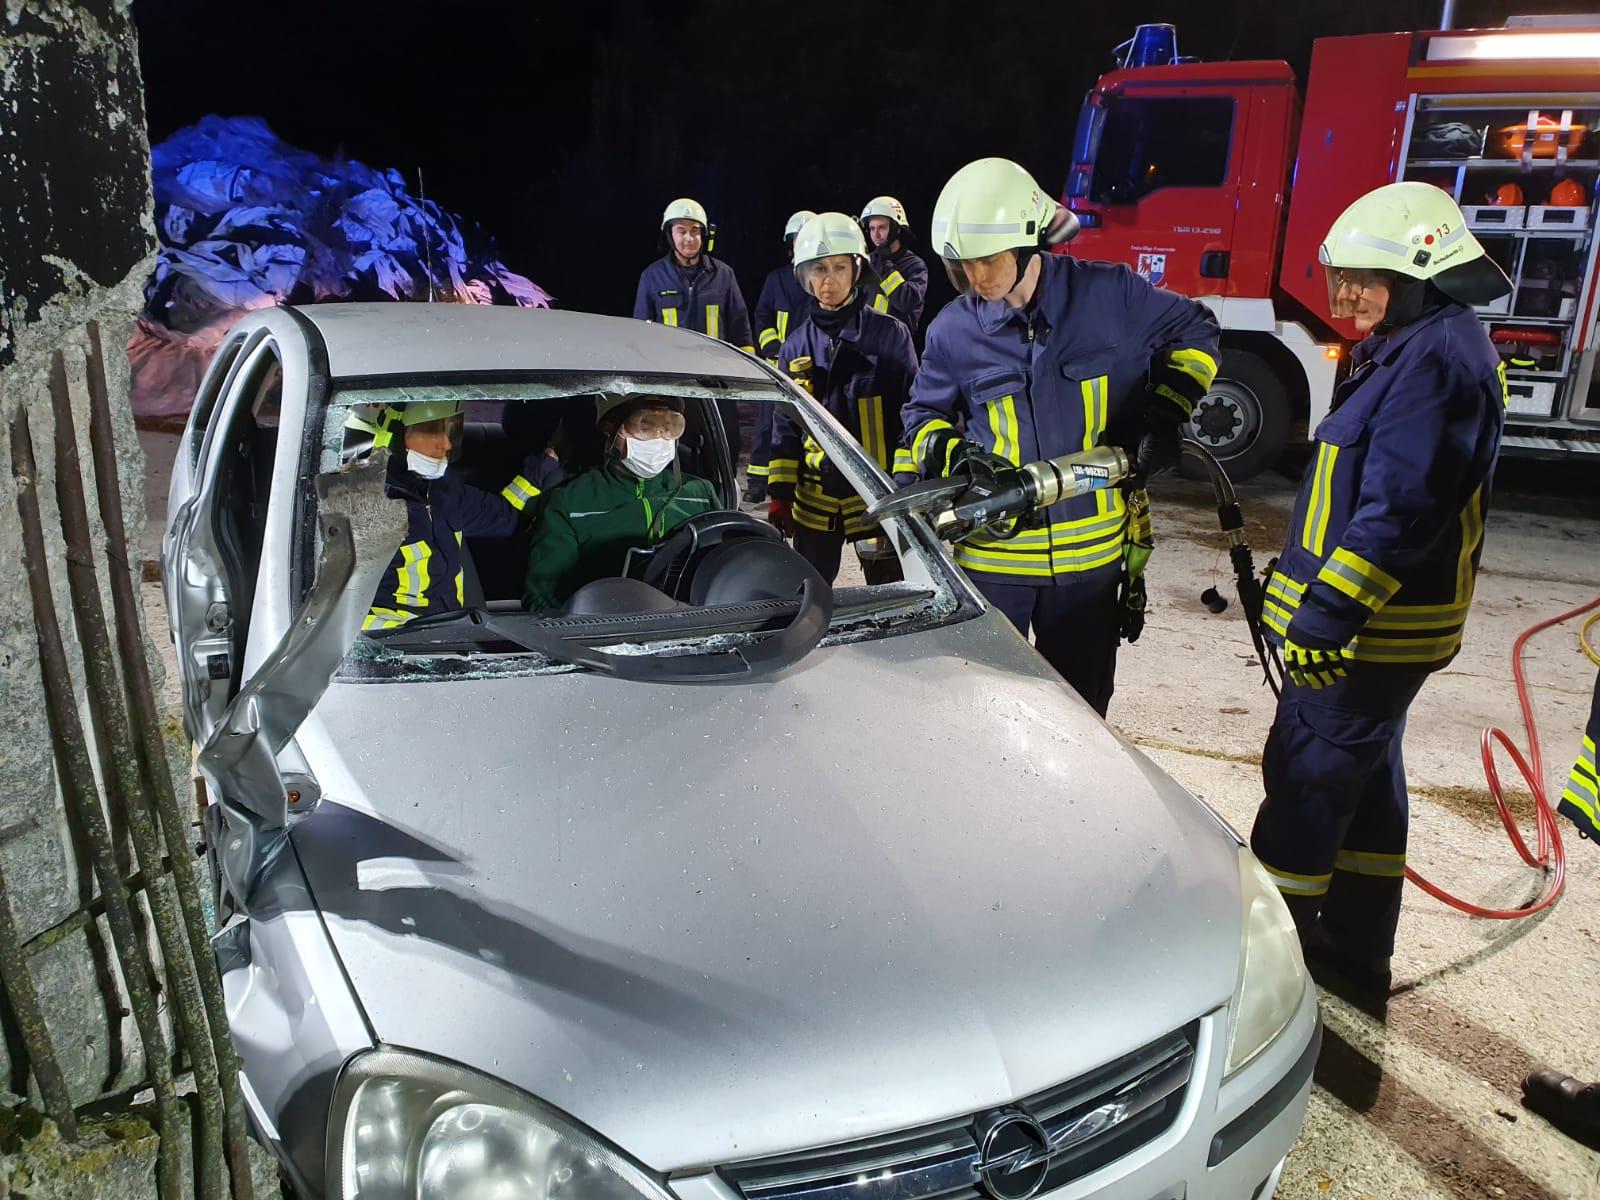 2019-10-23_Feuerwehr-trainiert-Verkehrsunfallhilfe_07